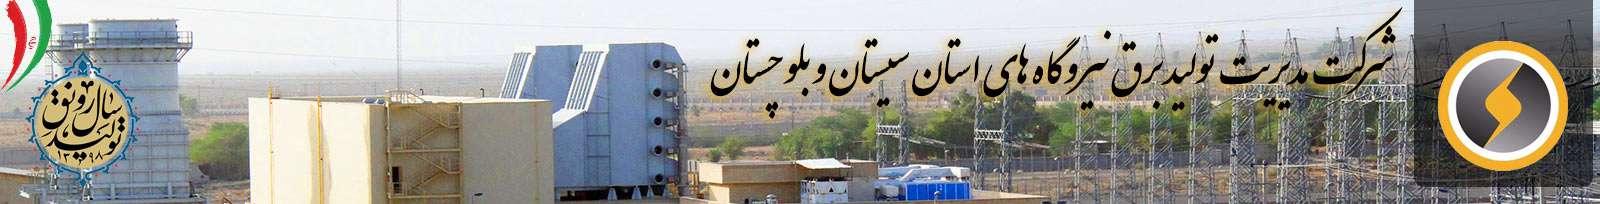 شرکت مدیریت تولید برق نیروگاههای سیستان و بلوچستان